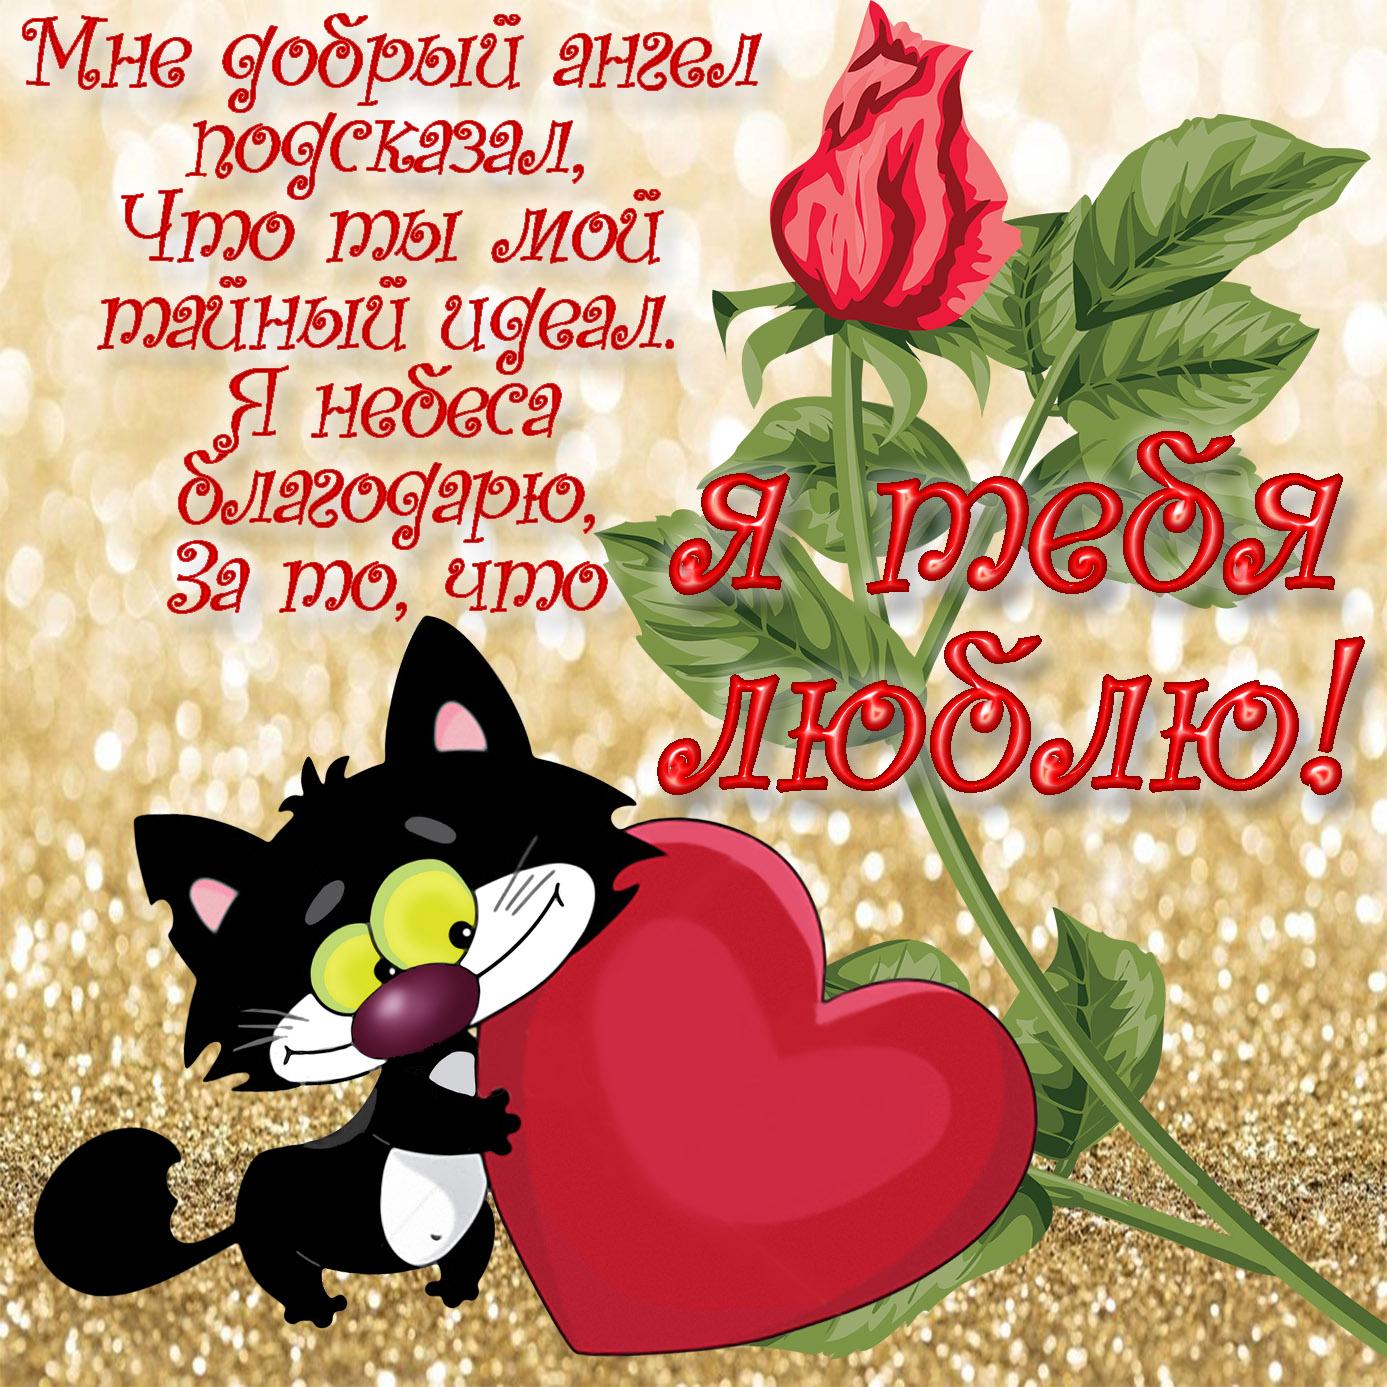 Красивая открытка с котом и сердечком